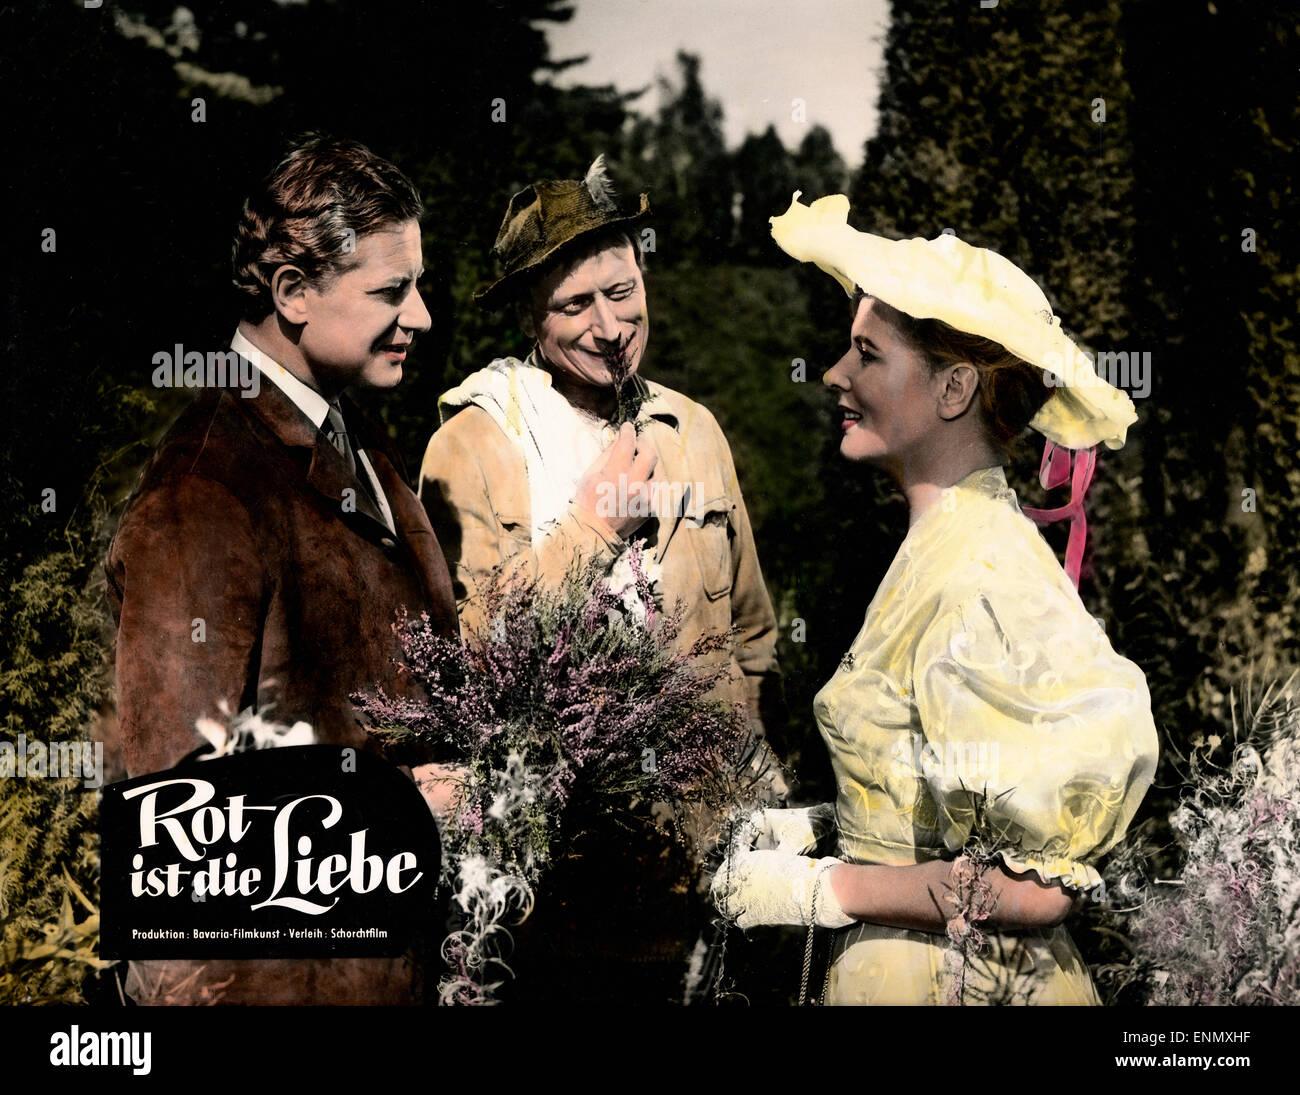 Rot ist die Liebe, Deutschland 1957, Regie: Karl Hartl, Darsteller: Cornell Borchers, Dieter Borsche, Günther - Stock Image